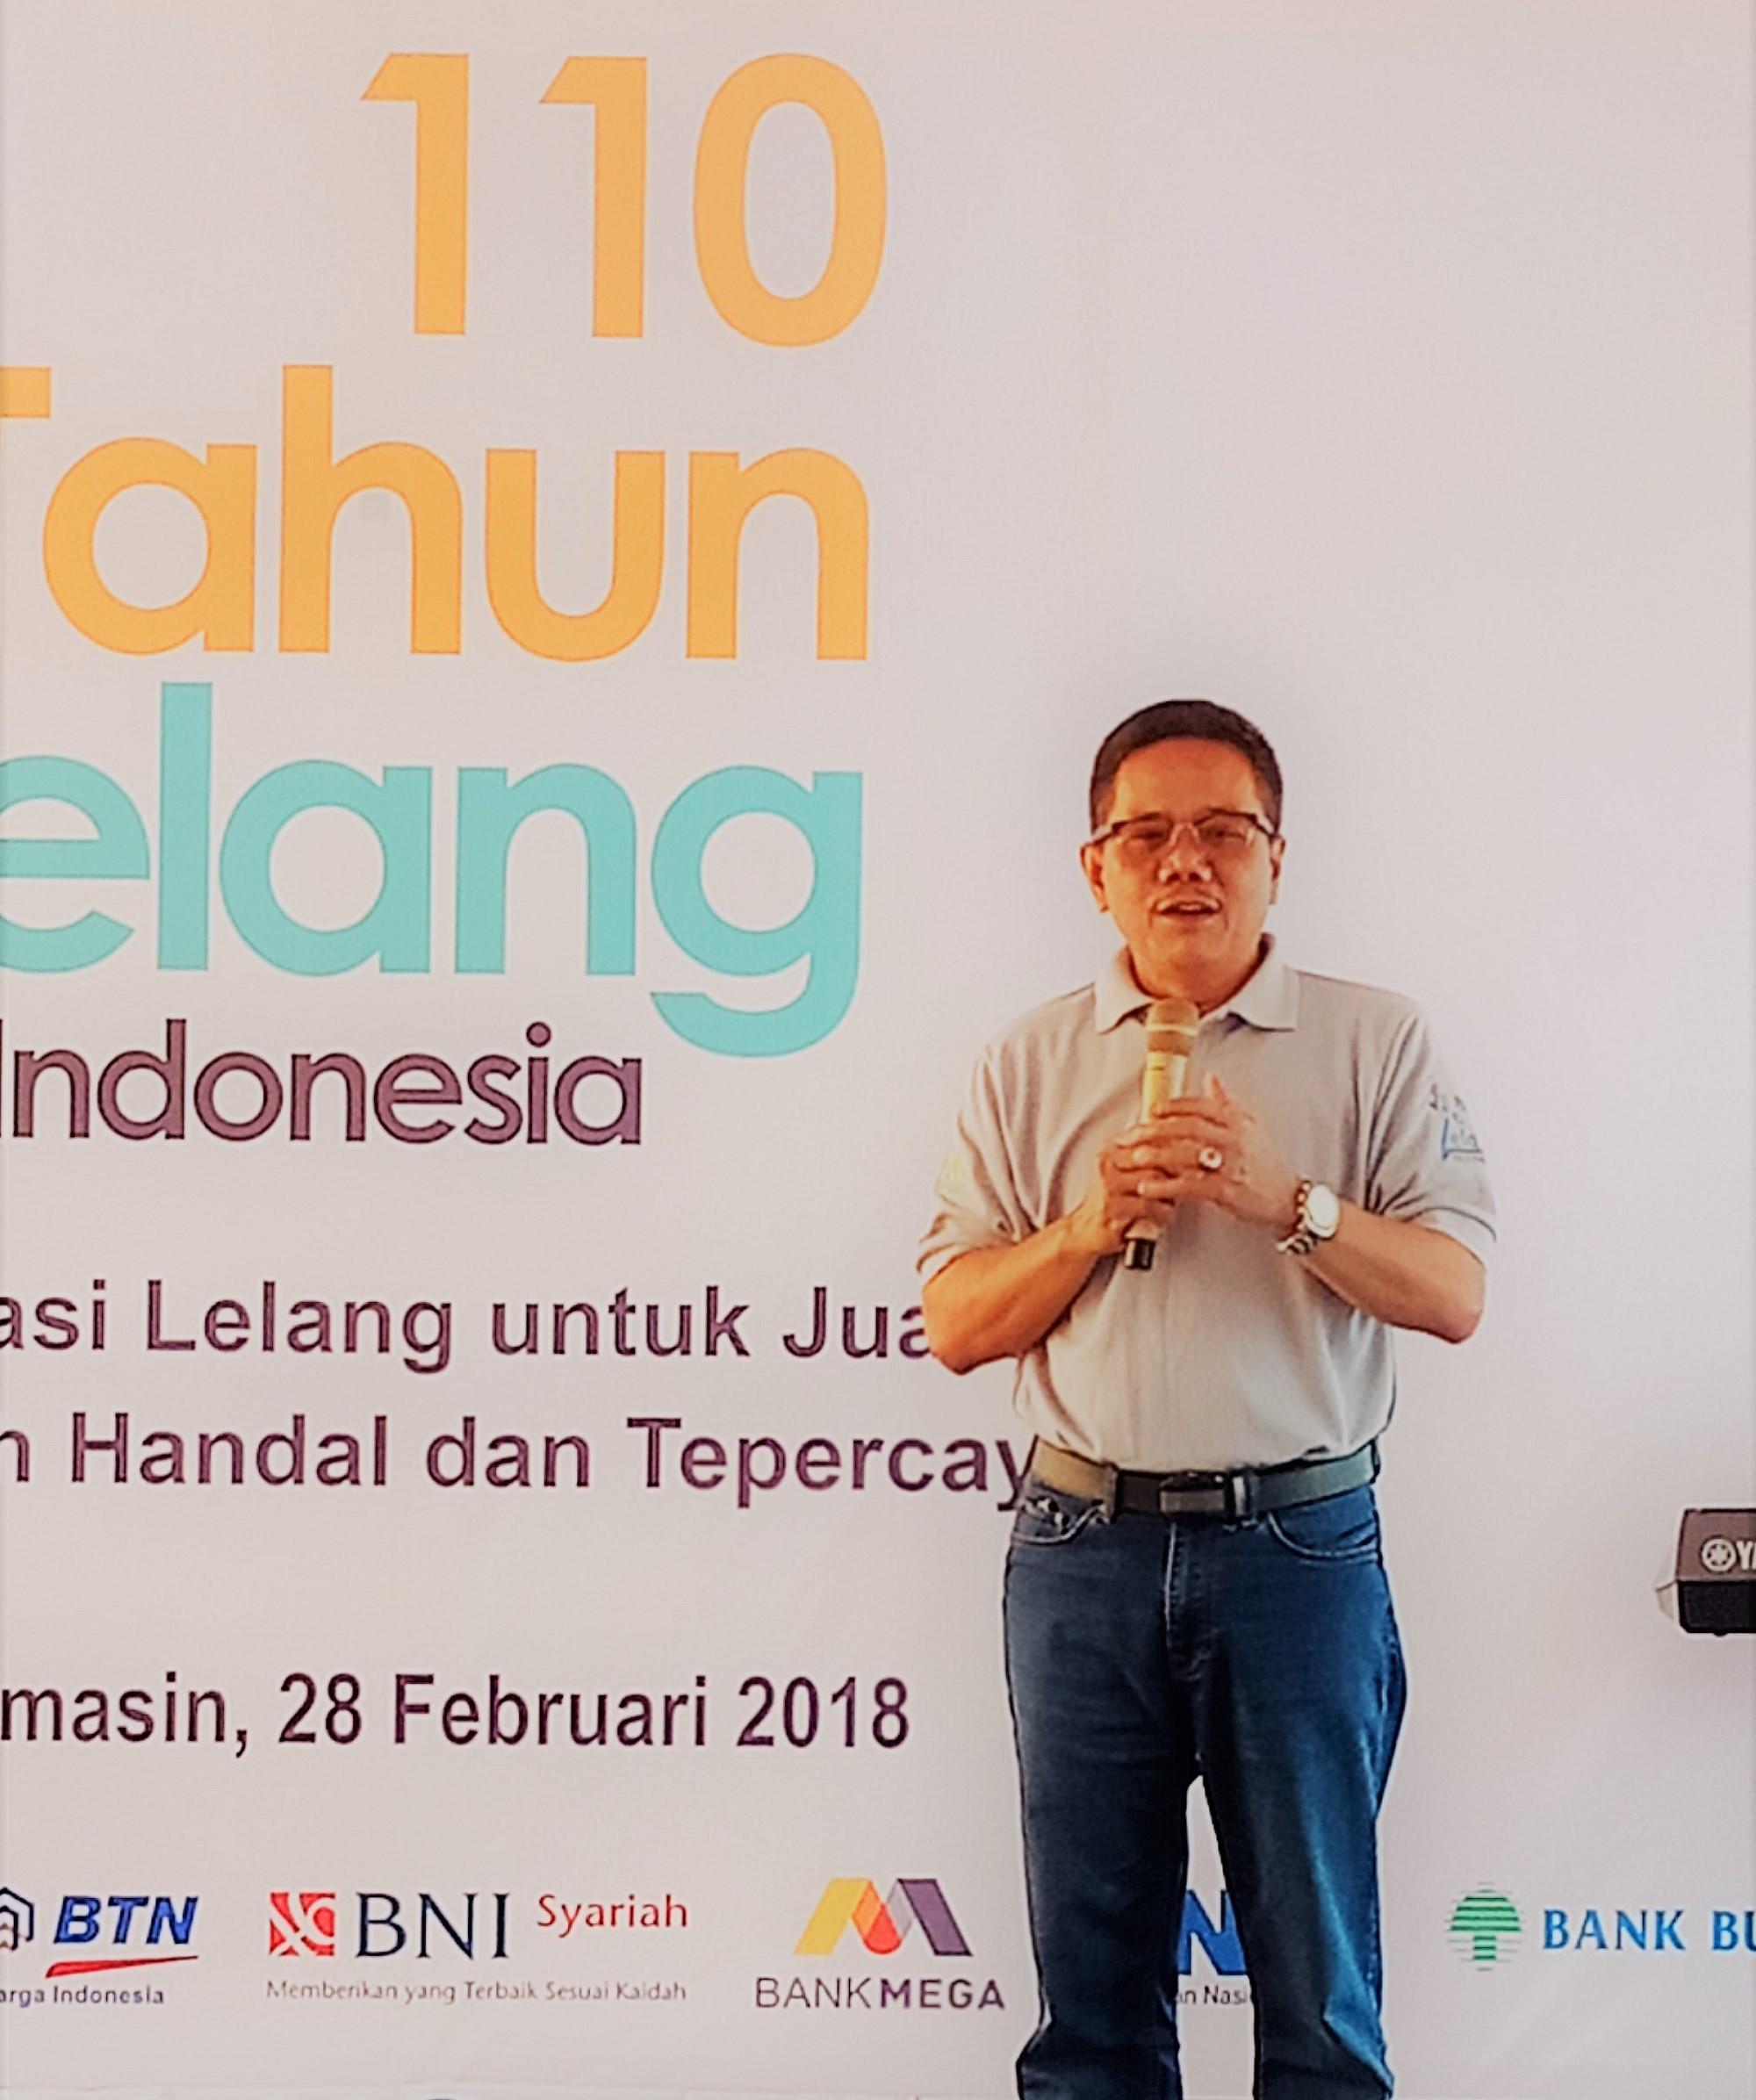 Semarak 110 tahun Lelang Indonesia di KPKNL Banjarmasin